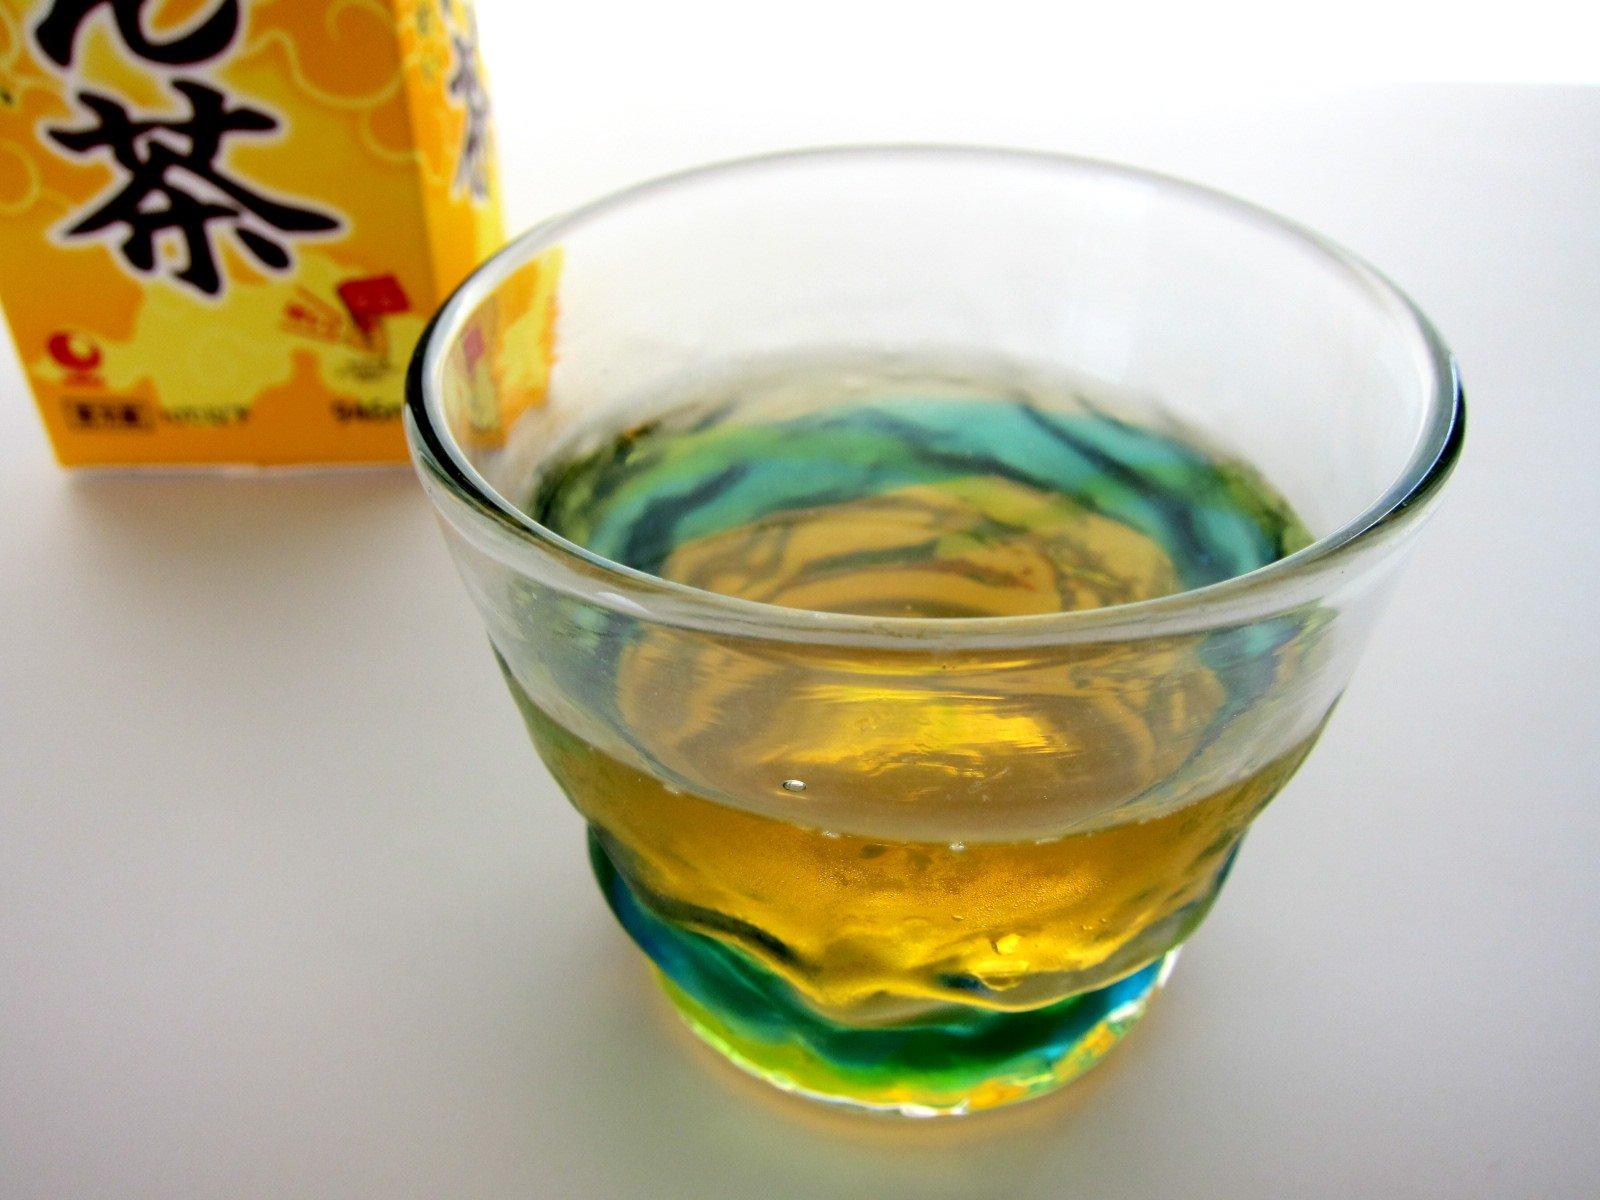 さんぴん茶 에 대한 이미지 검색결과